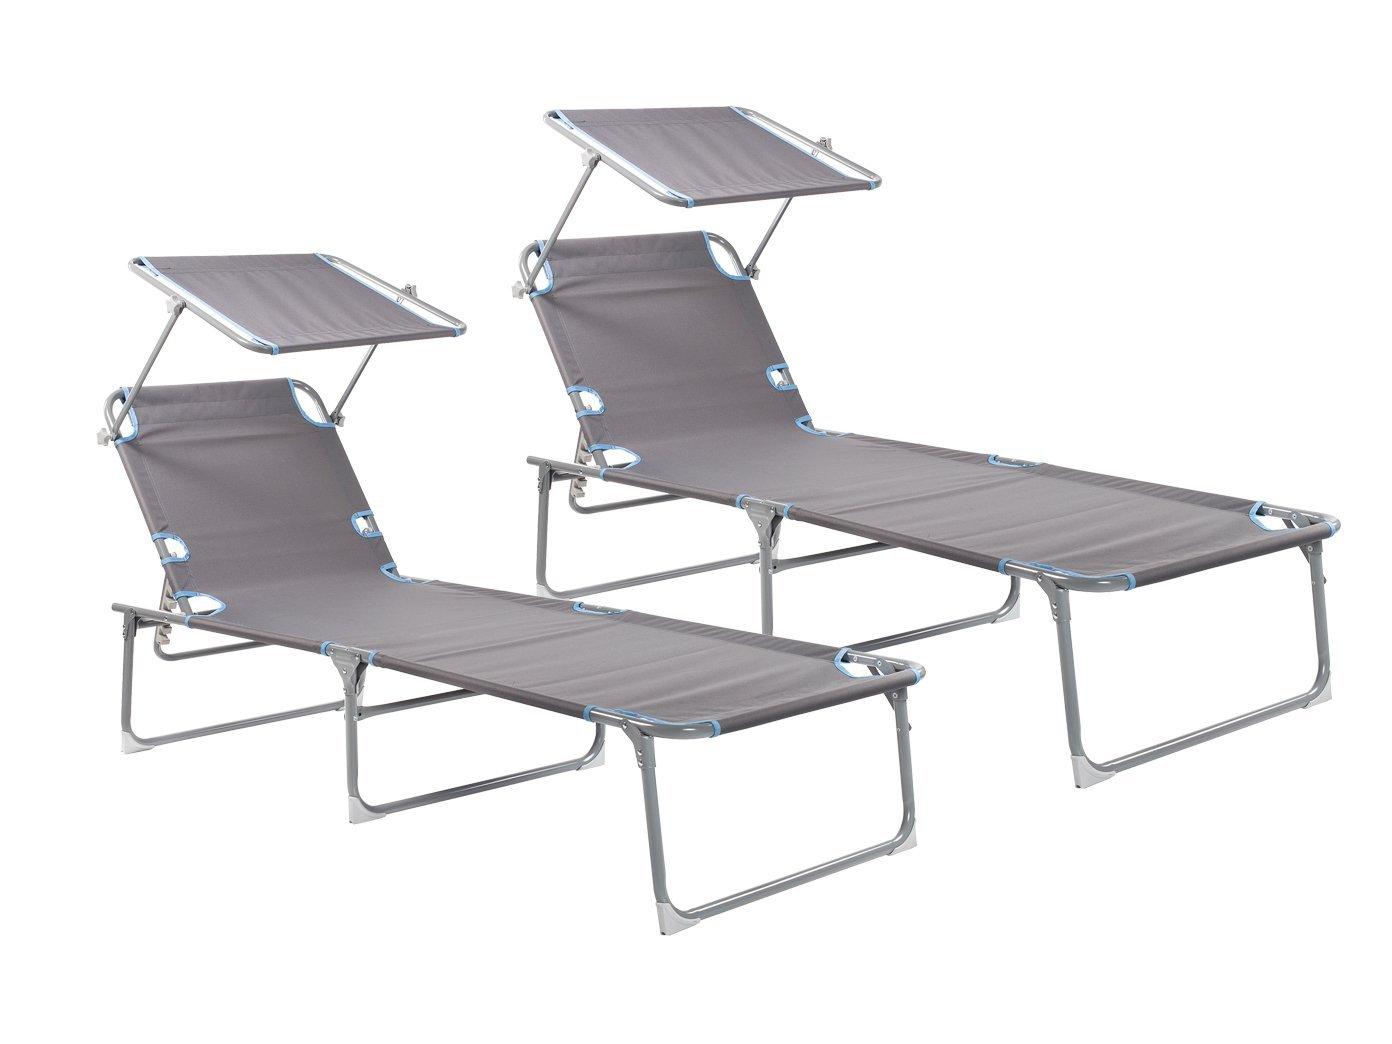 2er-Set Sonnenliege mit Dach, verstellbar, zusammenklappbar, belastbar bis 120kg; Campart Travel BE-0625